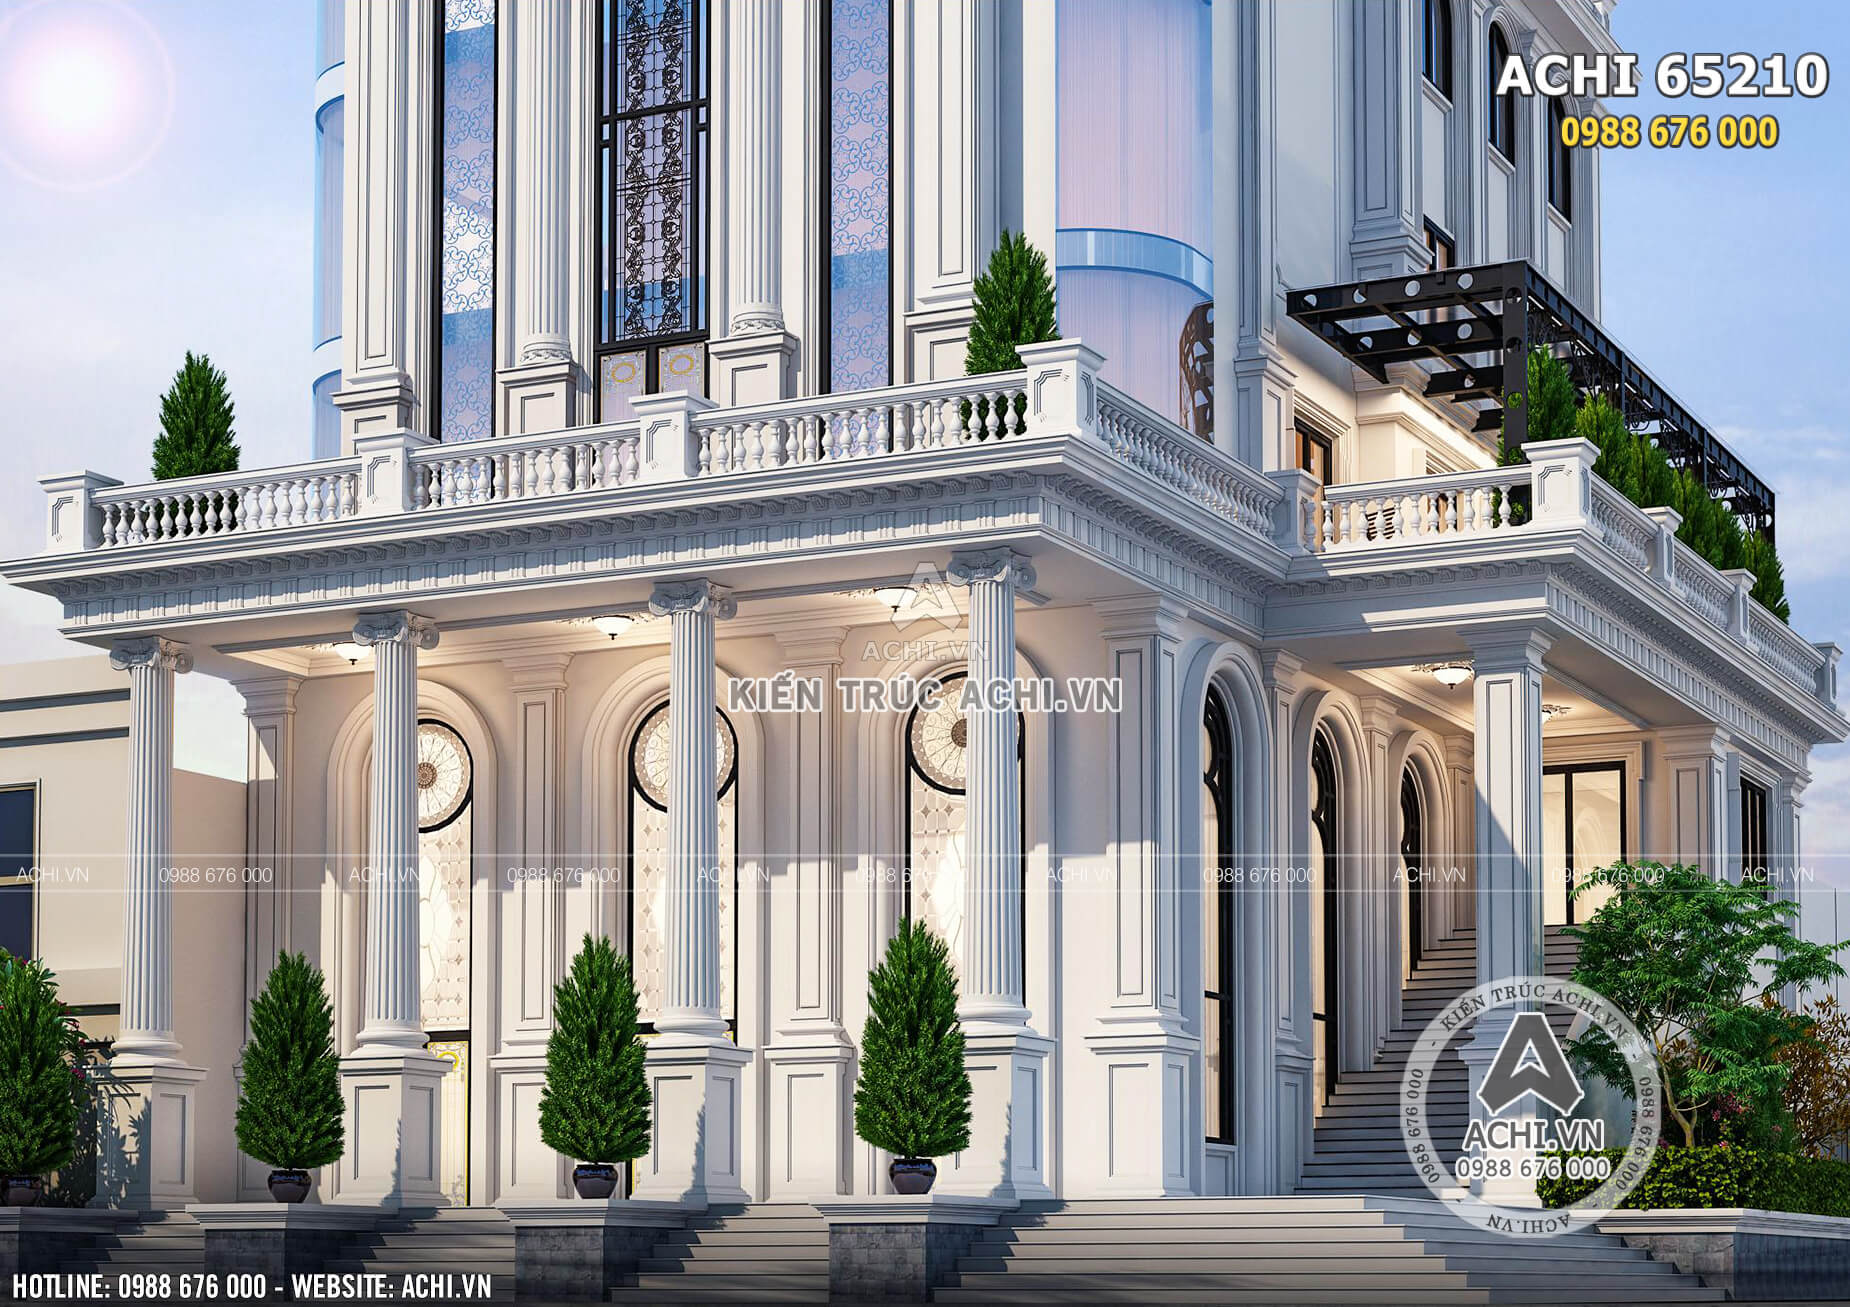 Chi tiết sảnh chính của mẫu nhà hàng khách sạn tân cổ điển